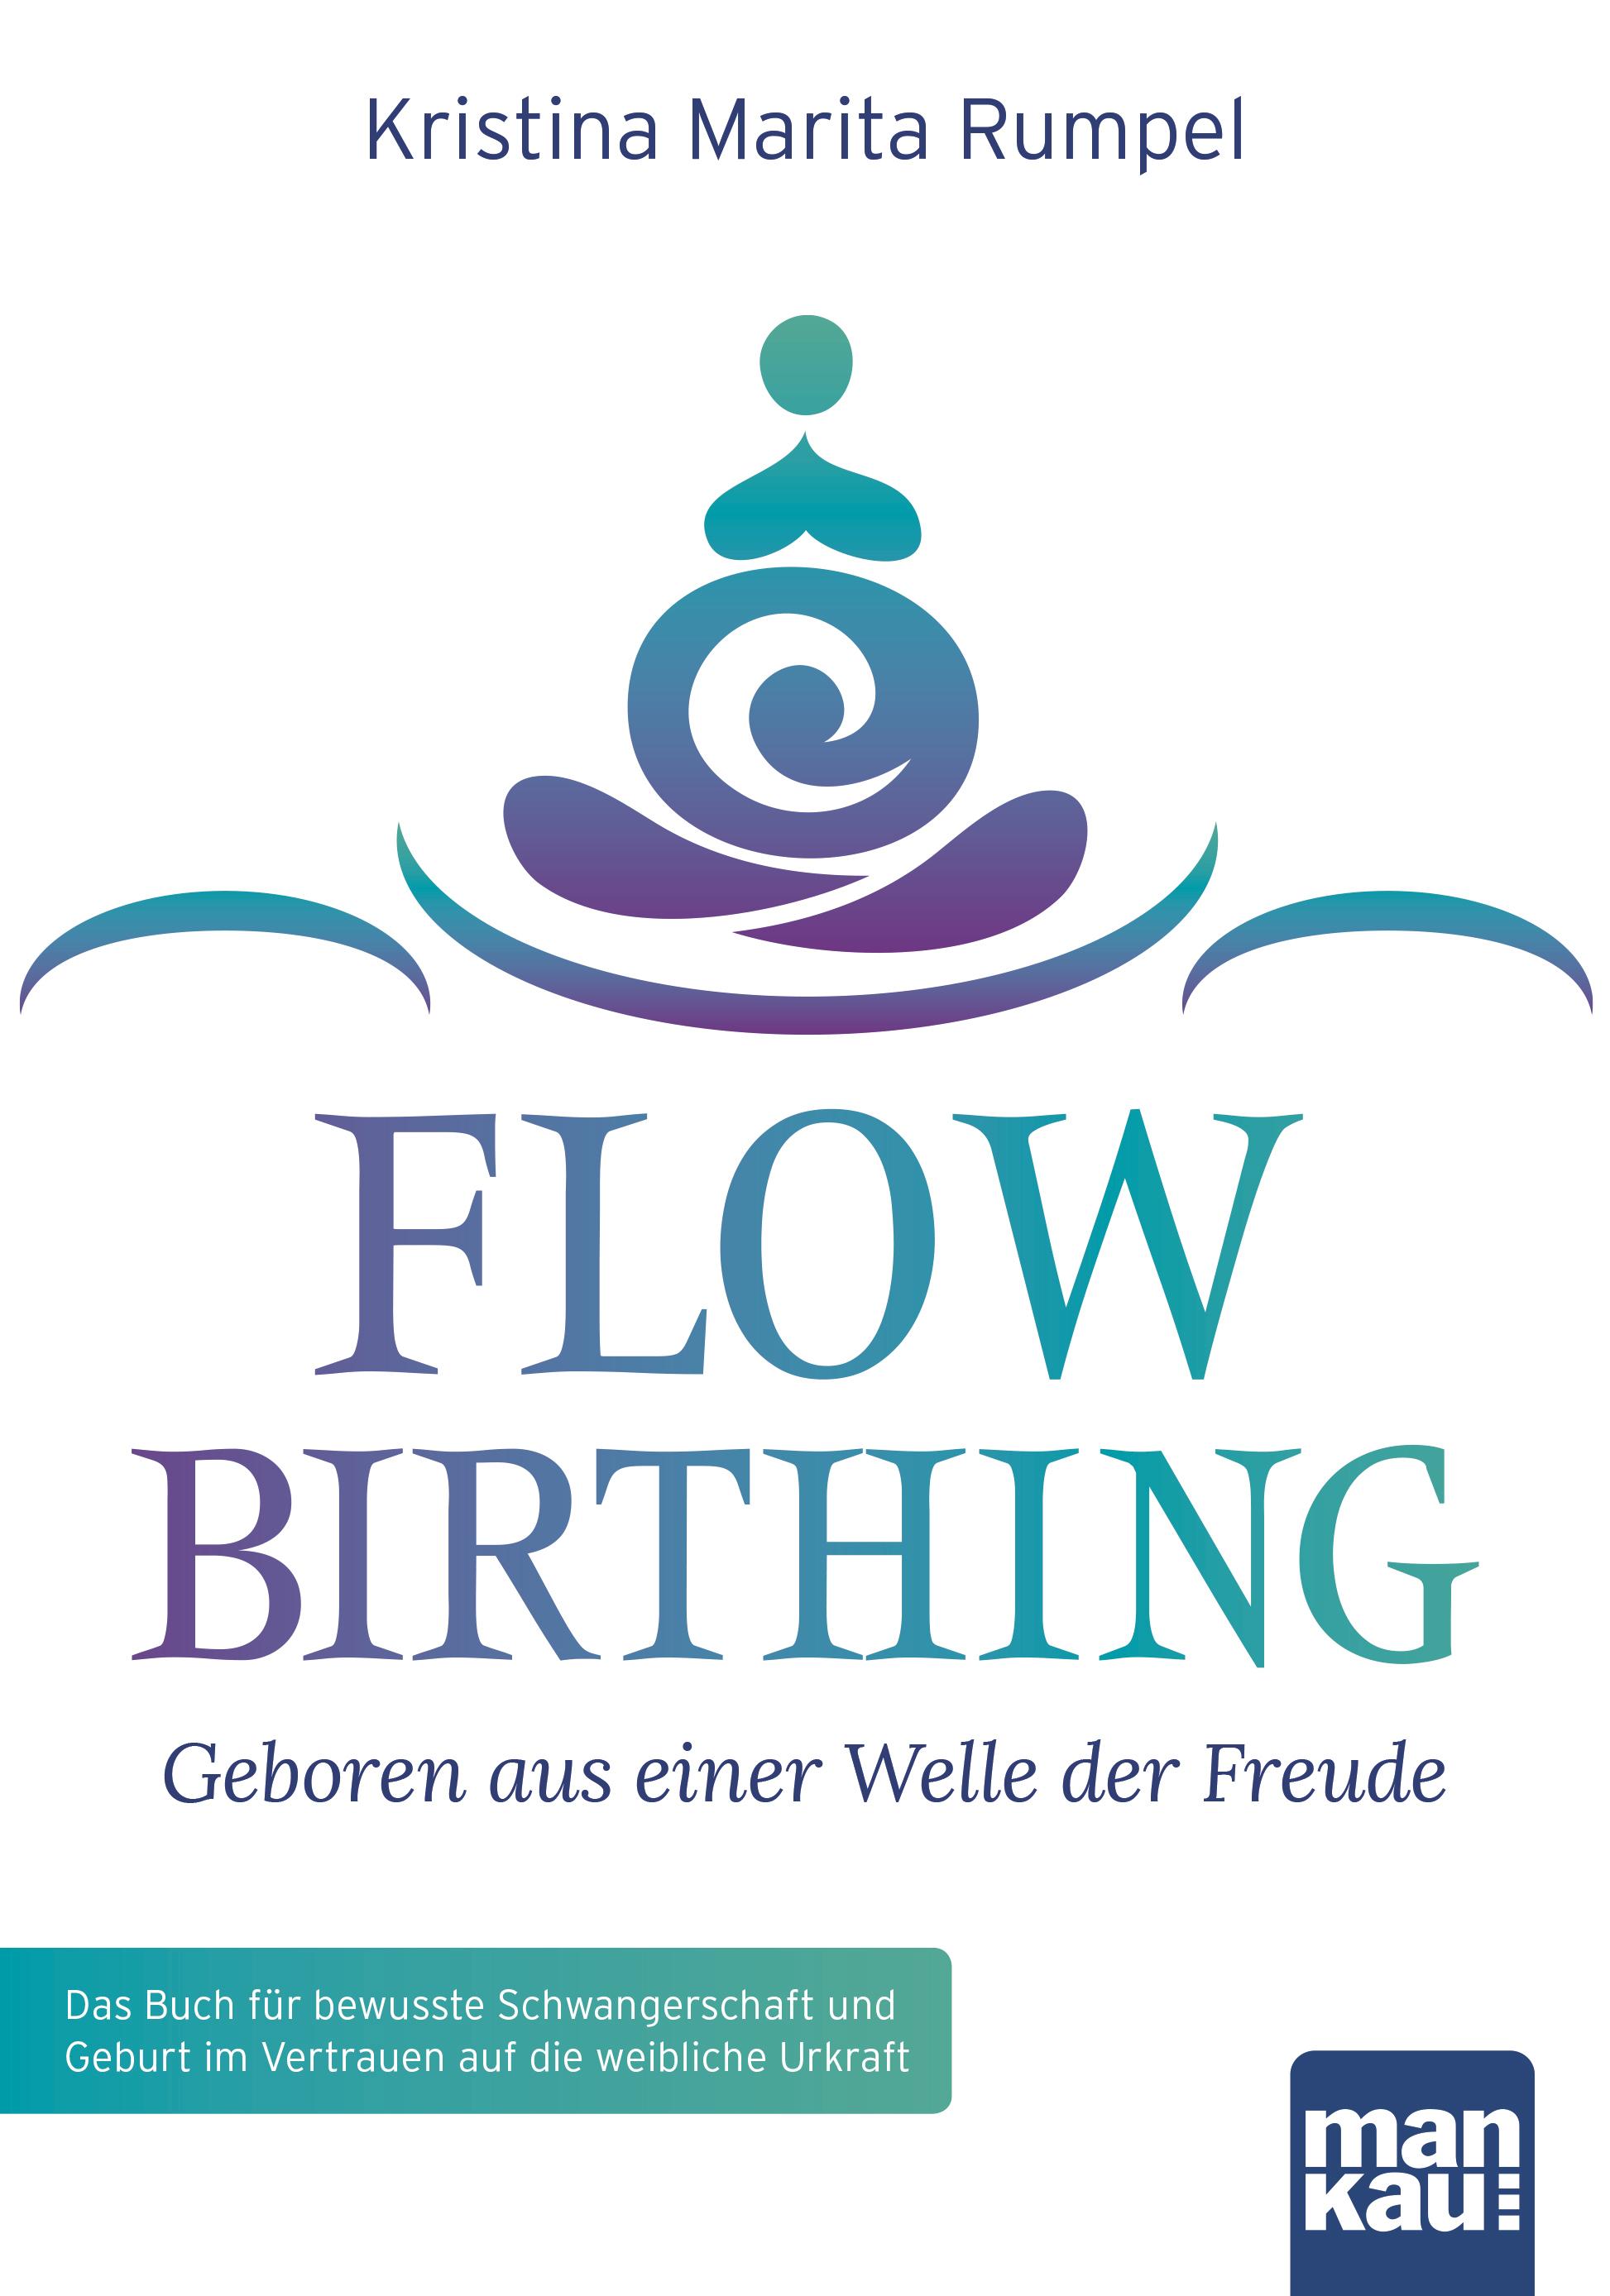 FlowBirthing - Geboren aus einer Welle der Freude, Kristina Marita Rumpel